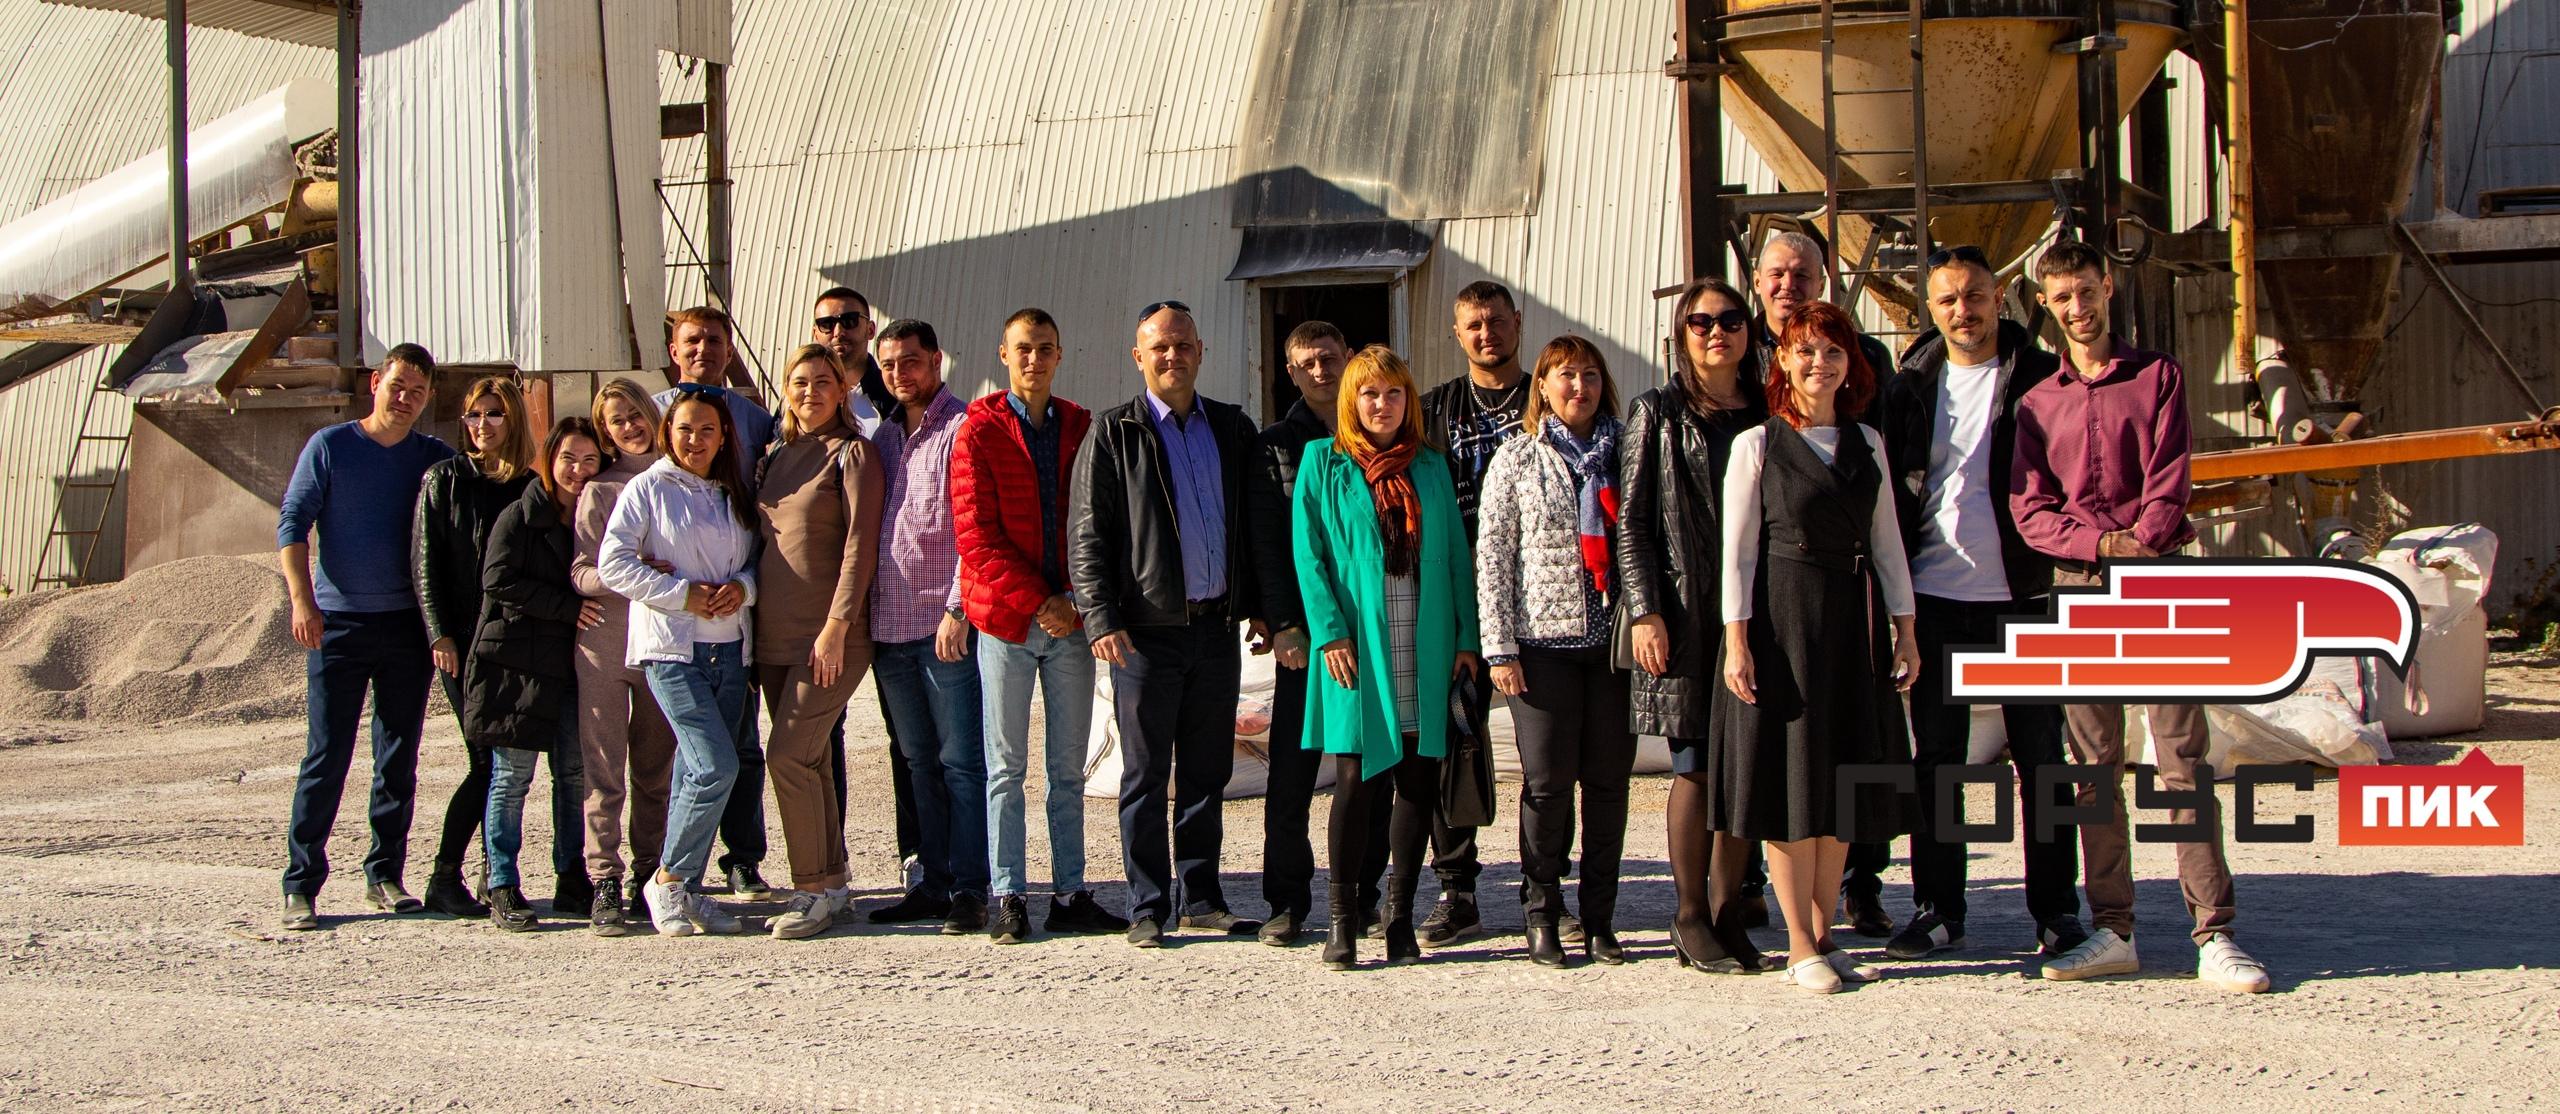 15 октября 2020 года состоялась вторая встреча представителей компании